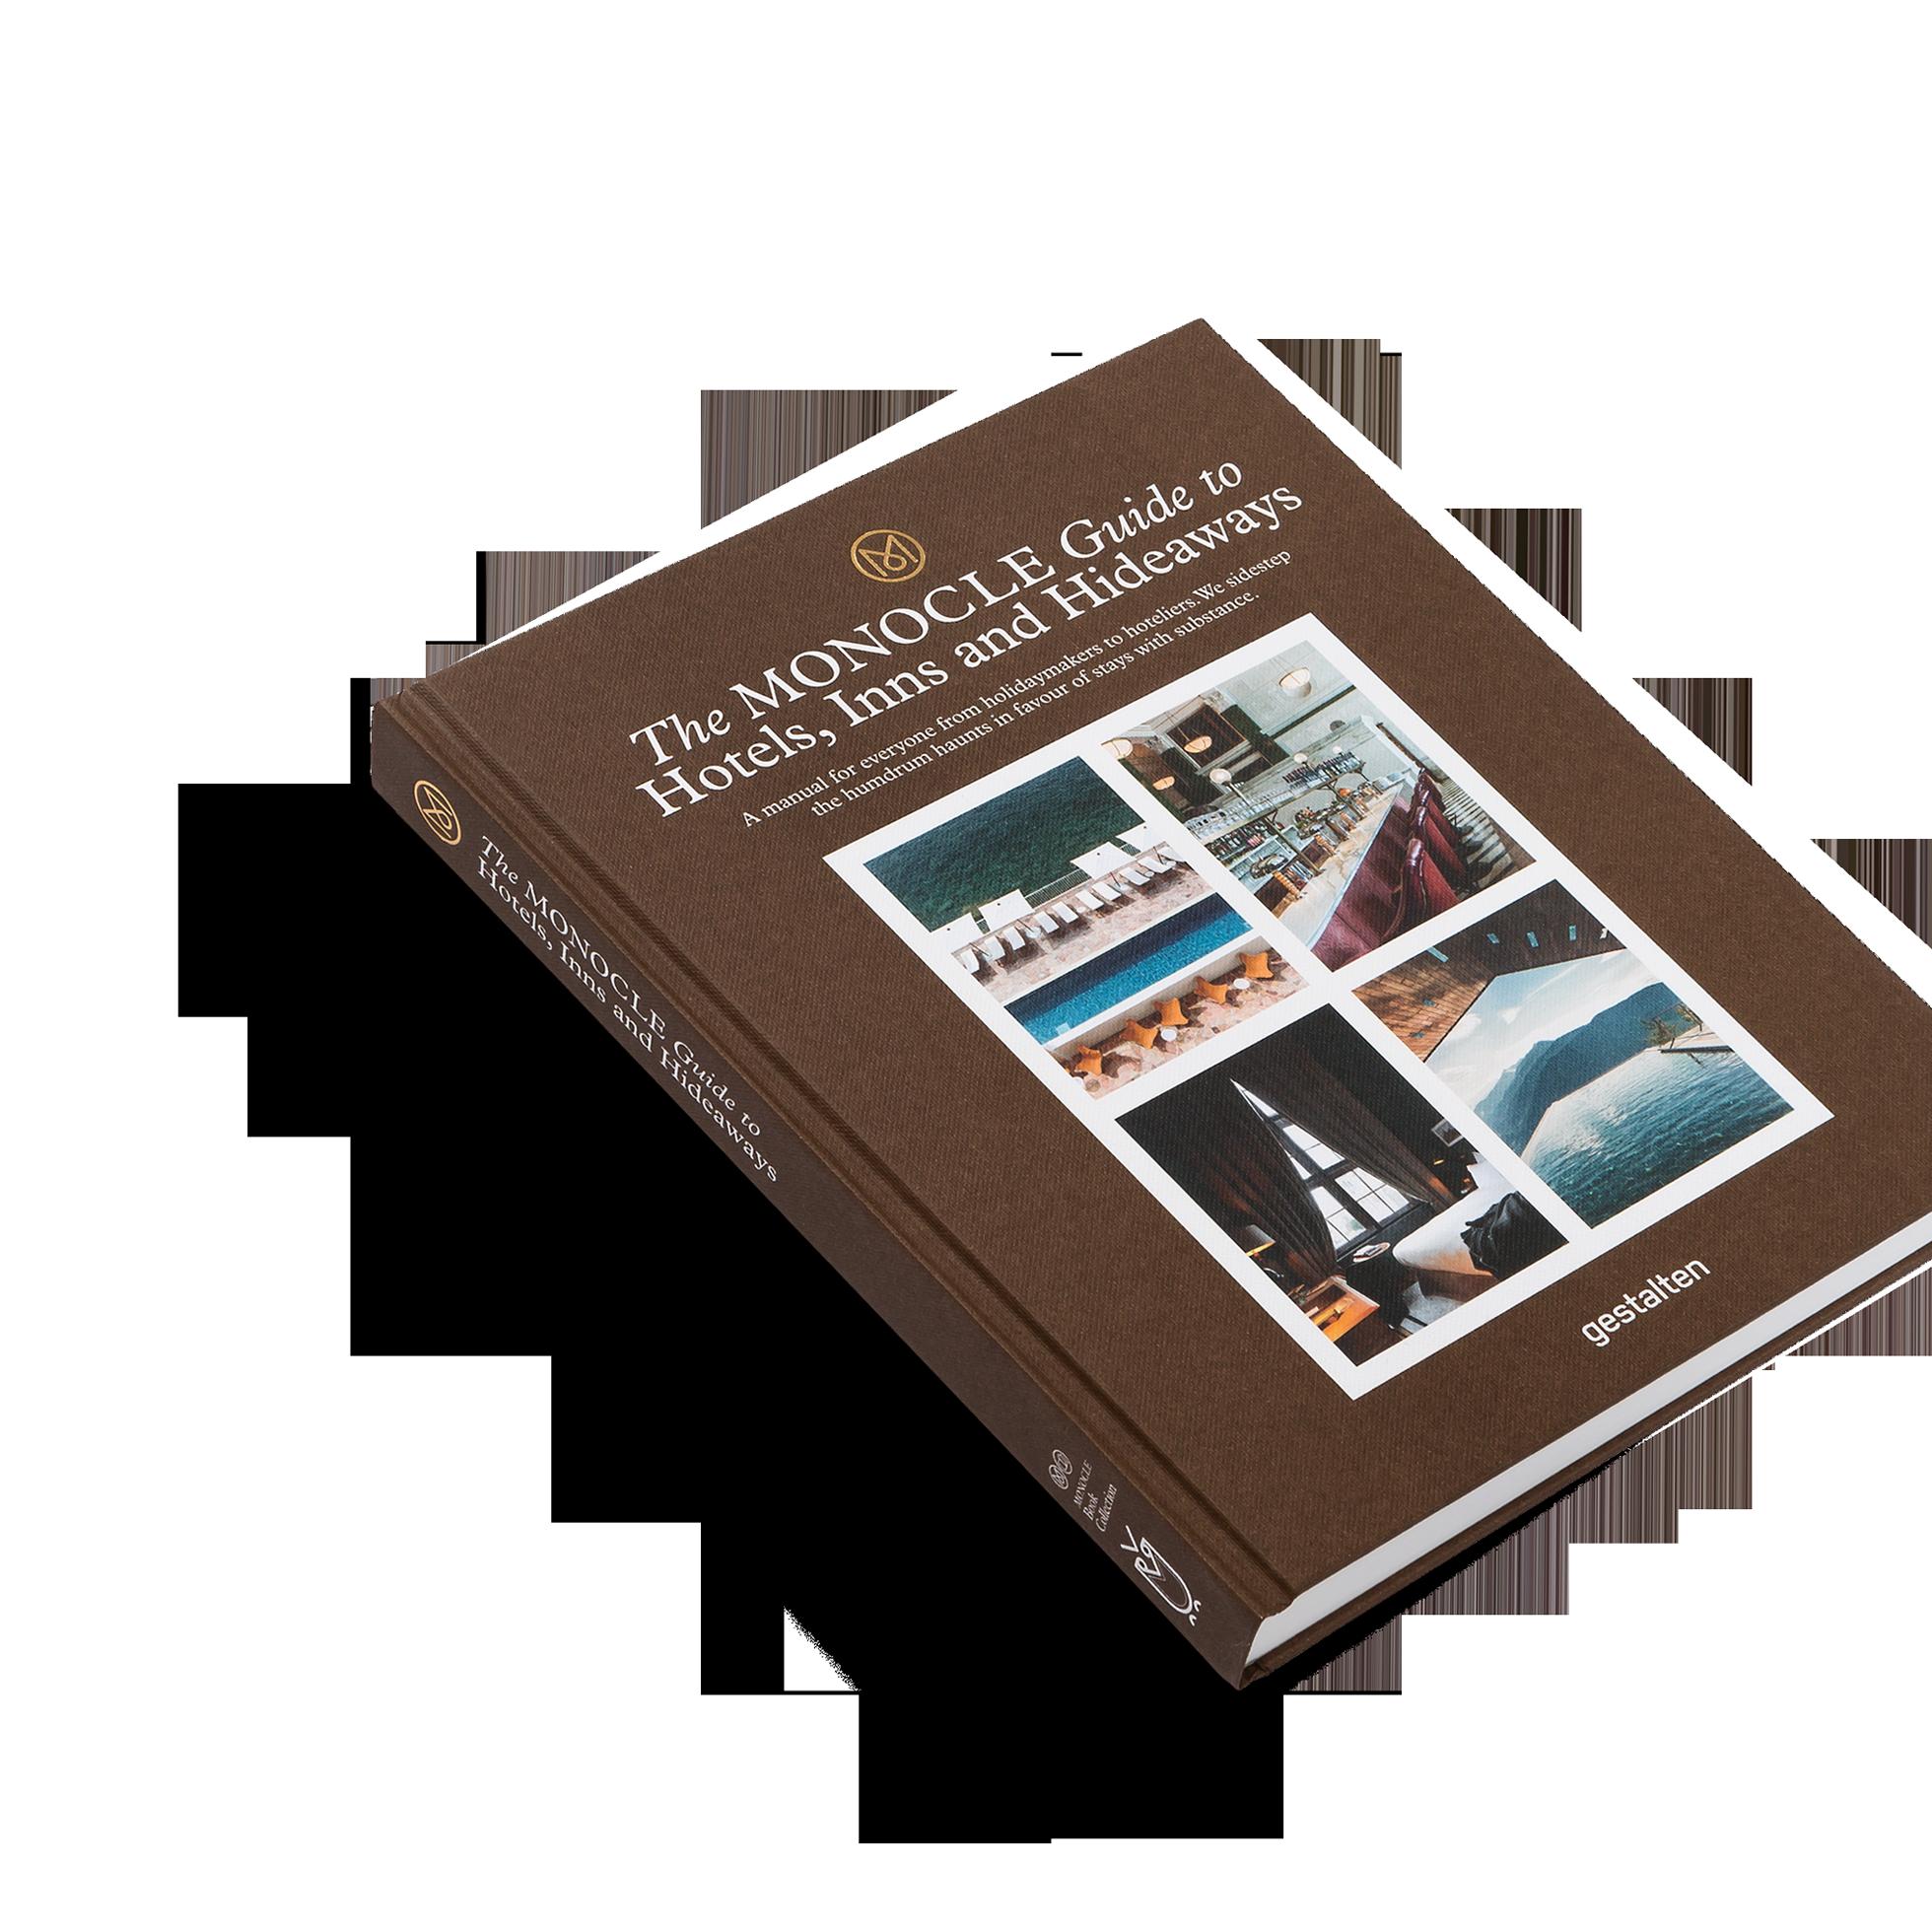 Denisa Strmiskova Studio | spatial design Press